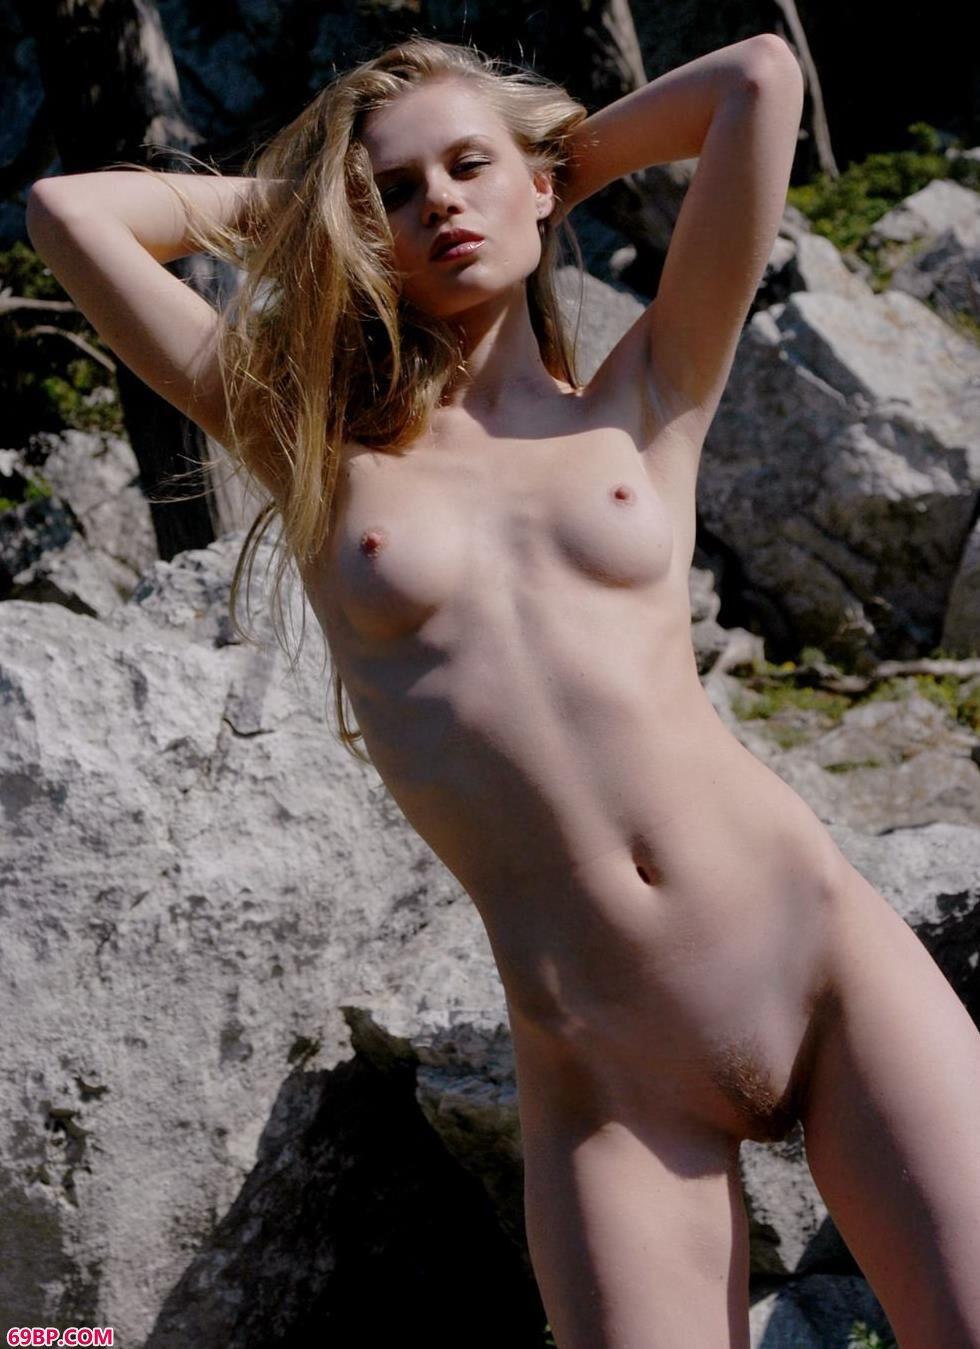 玩弄极品少妇17p_嫩模Kasana山上的无圣光人体